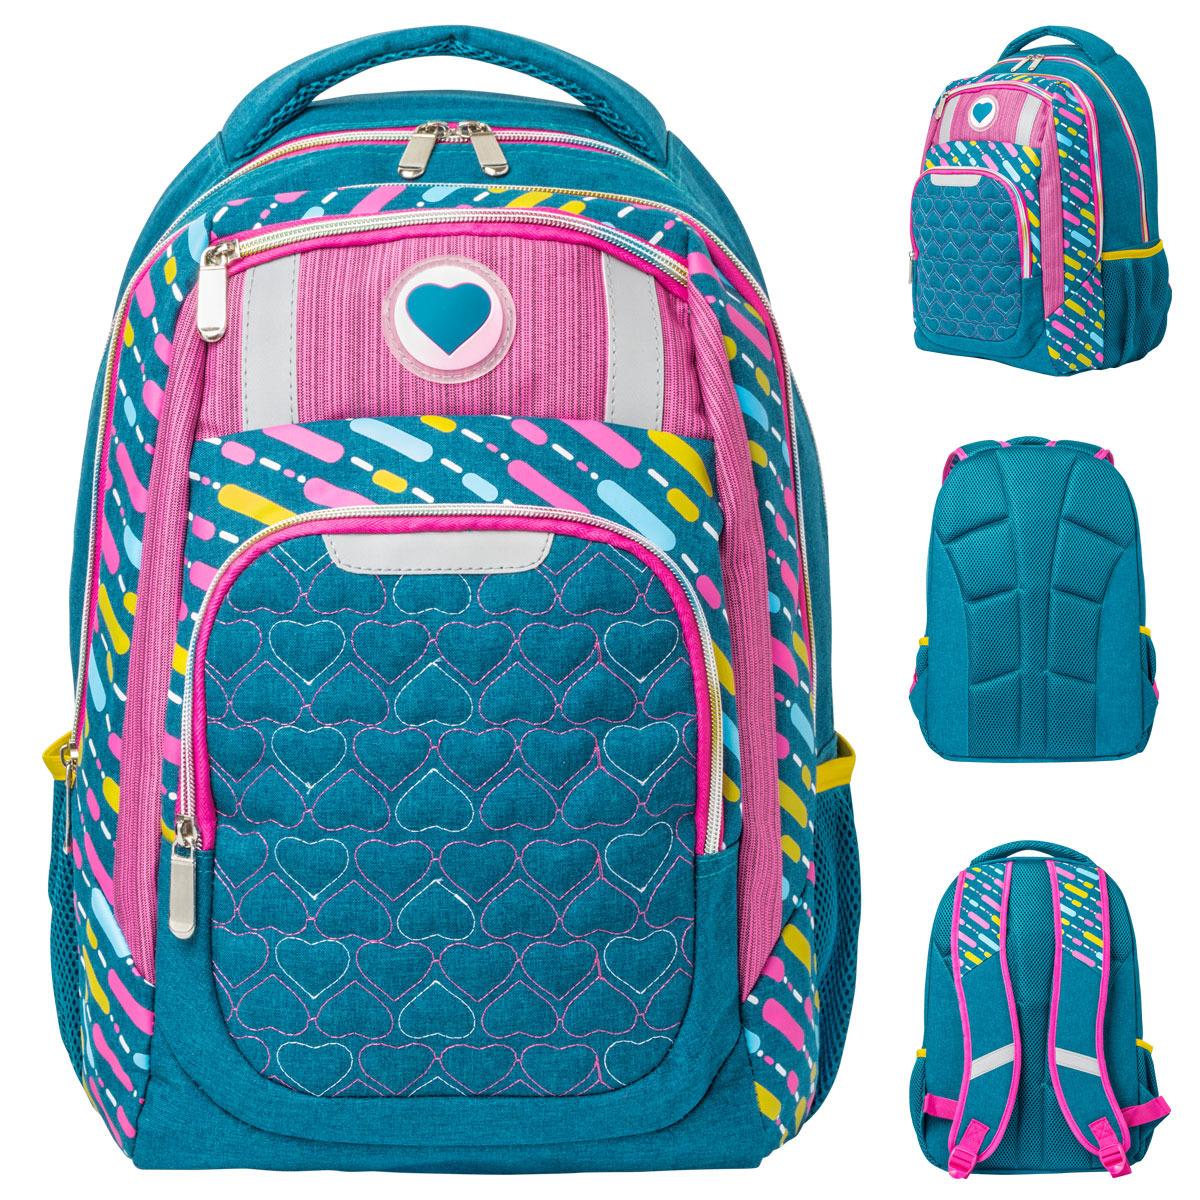 Рюкзак детский Action!, AB11161, синий, розовый цена и фото